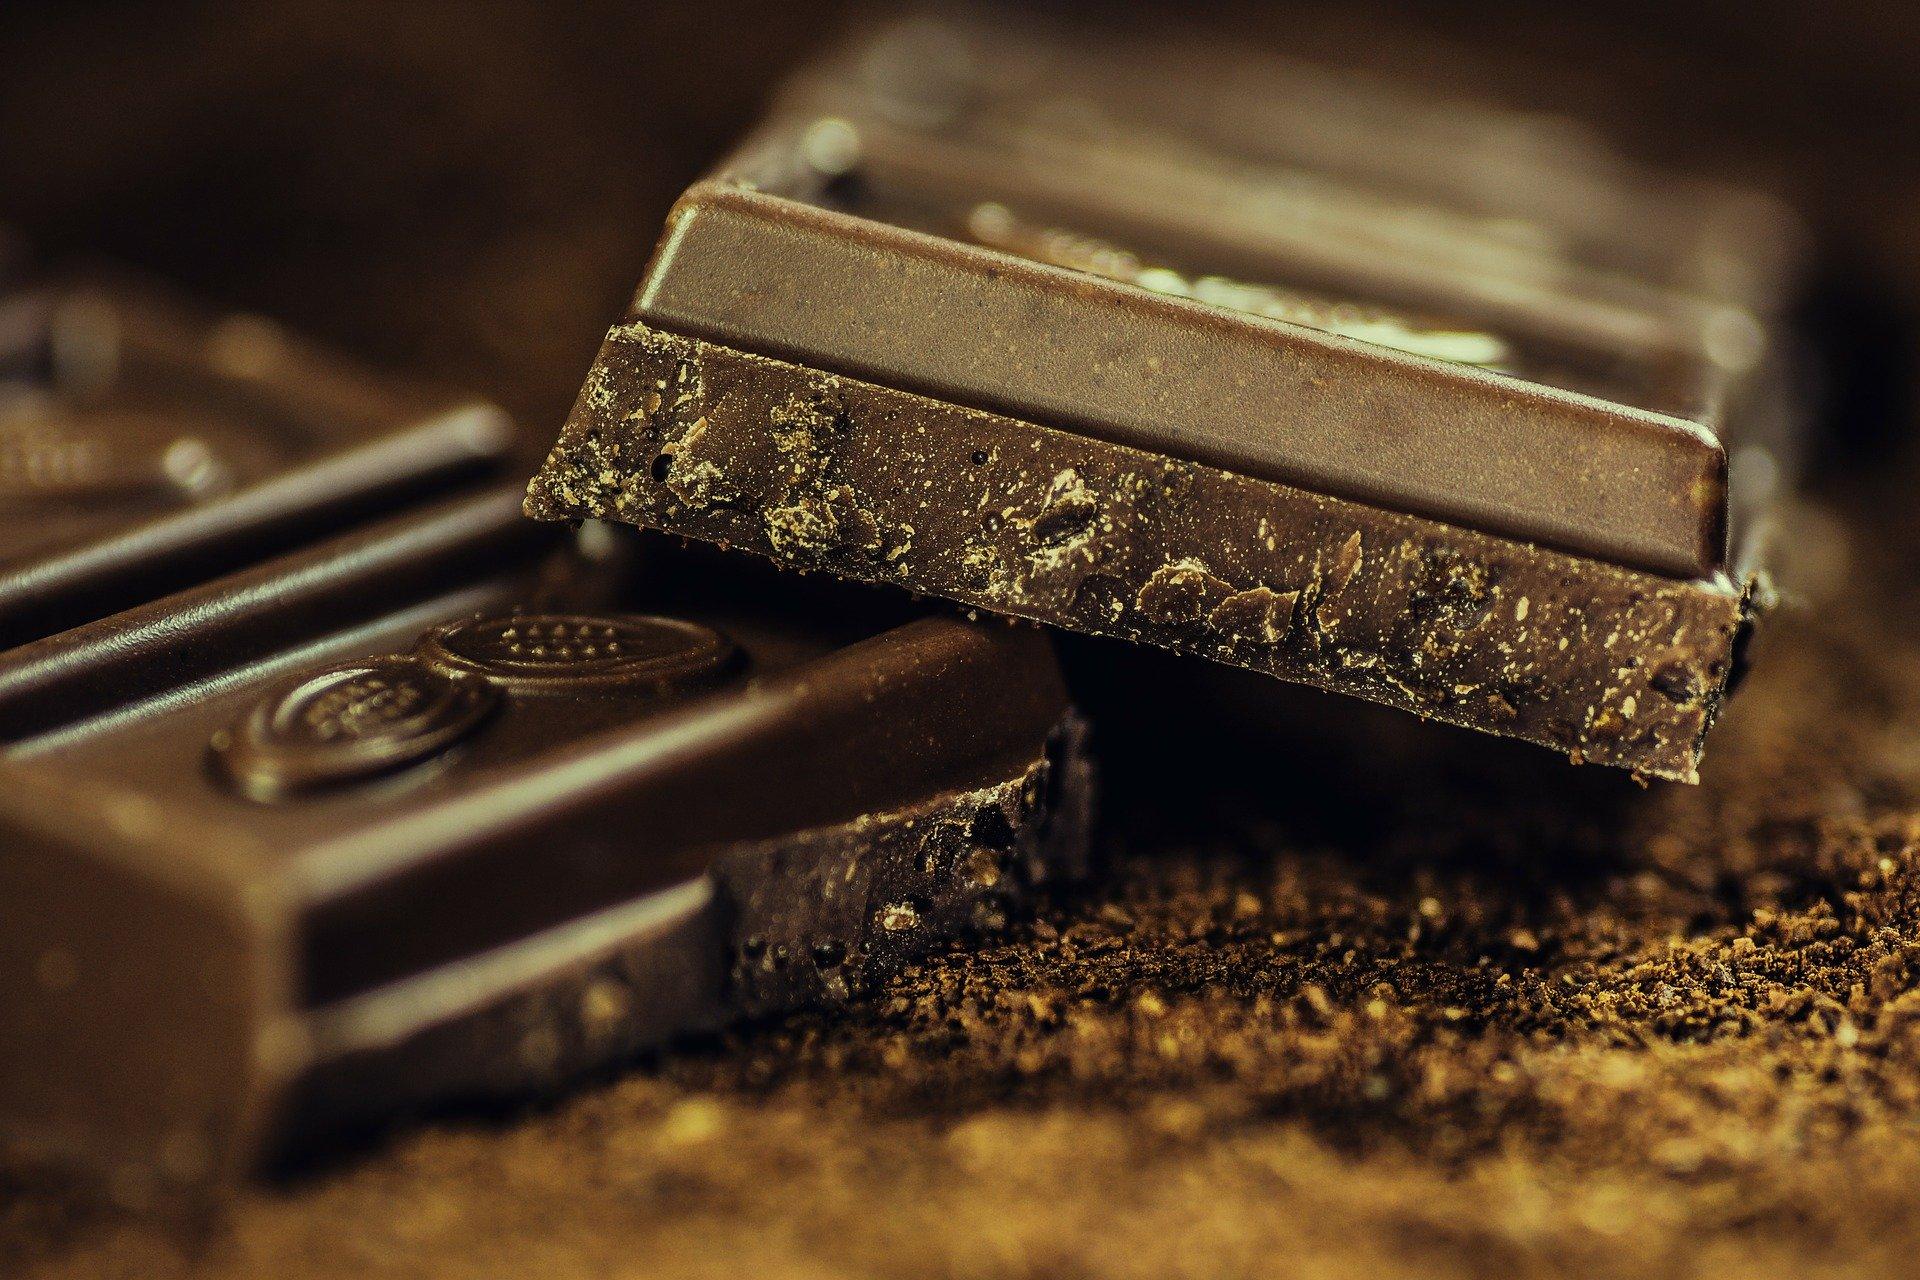 Beneficios de usar aceite esencial de chocolate